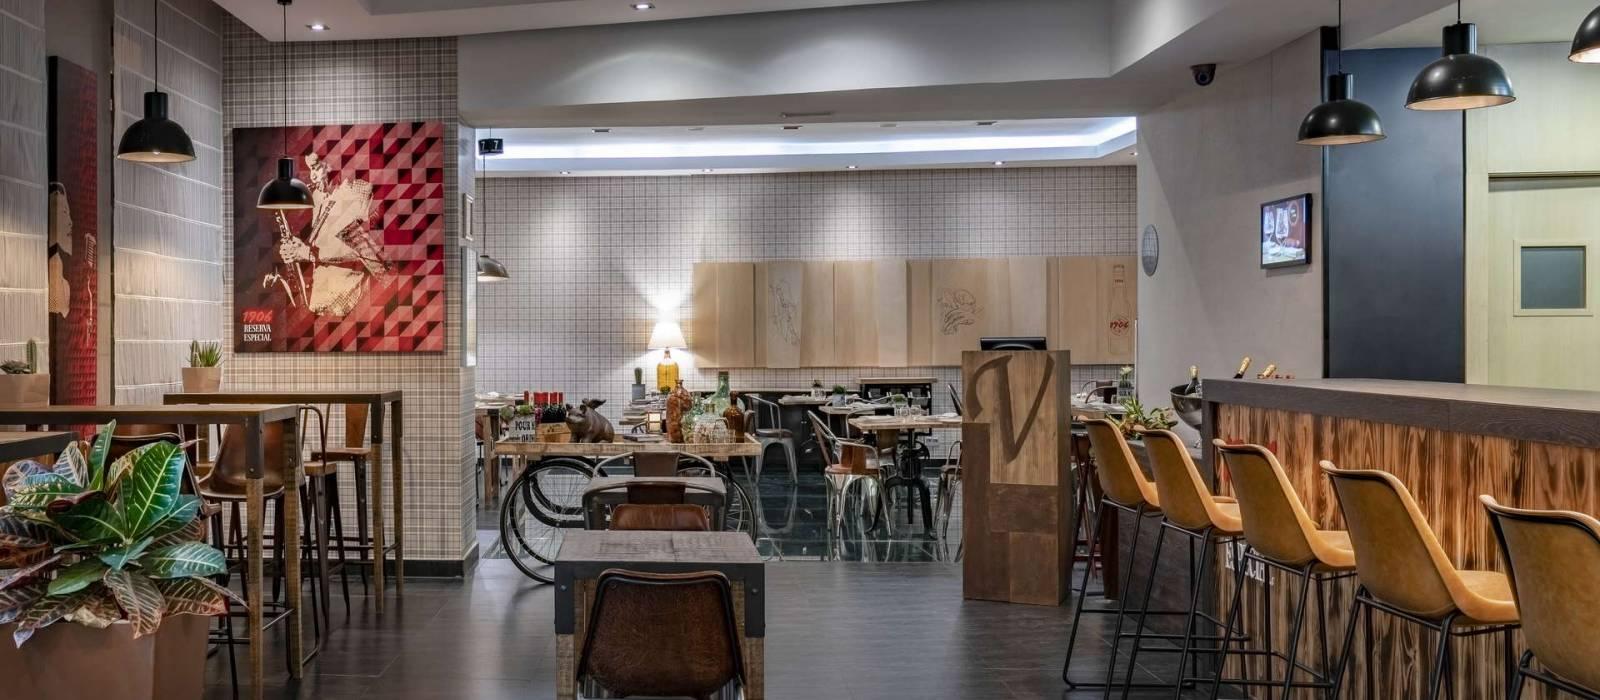 Restaurante Le Diner Vincci Posada del Patio - Hotel en Málaga